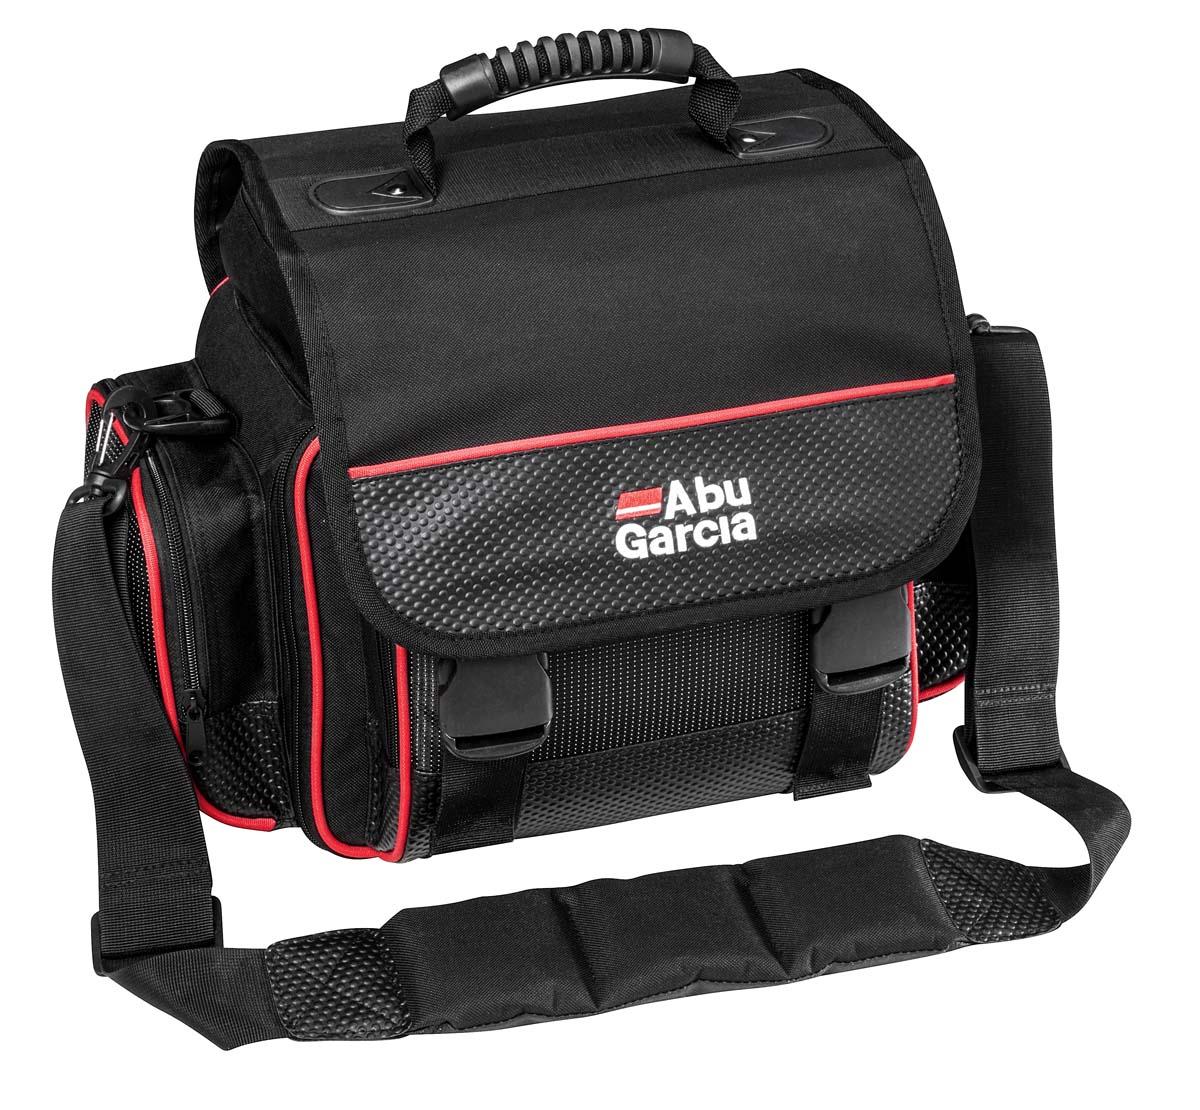 Tackle Box Bag System – Umhängetasche mit Tragegriff und vier Zubehörboxen.